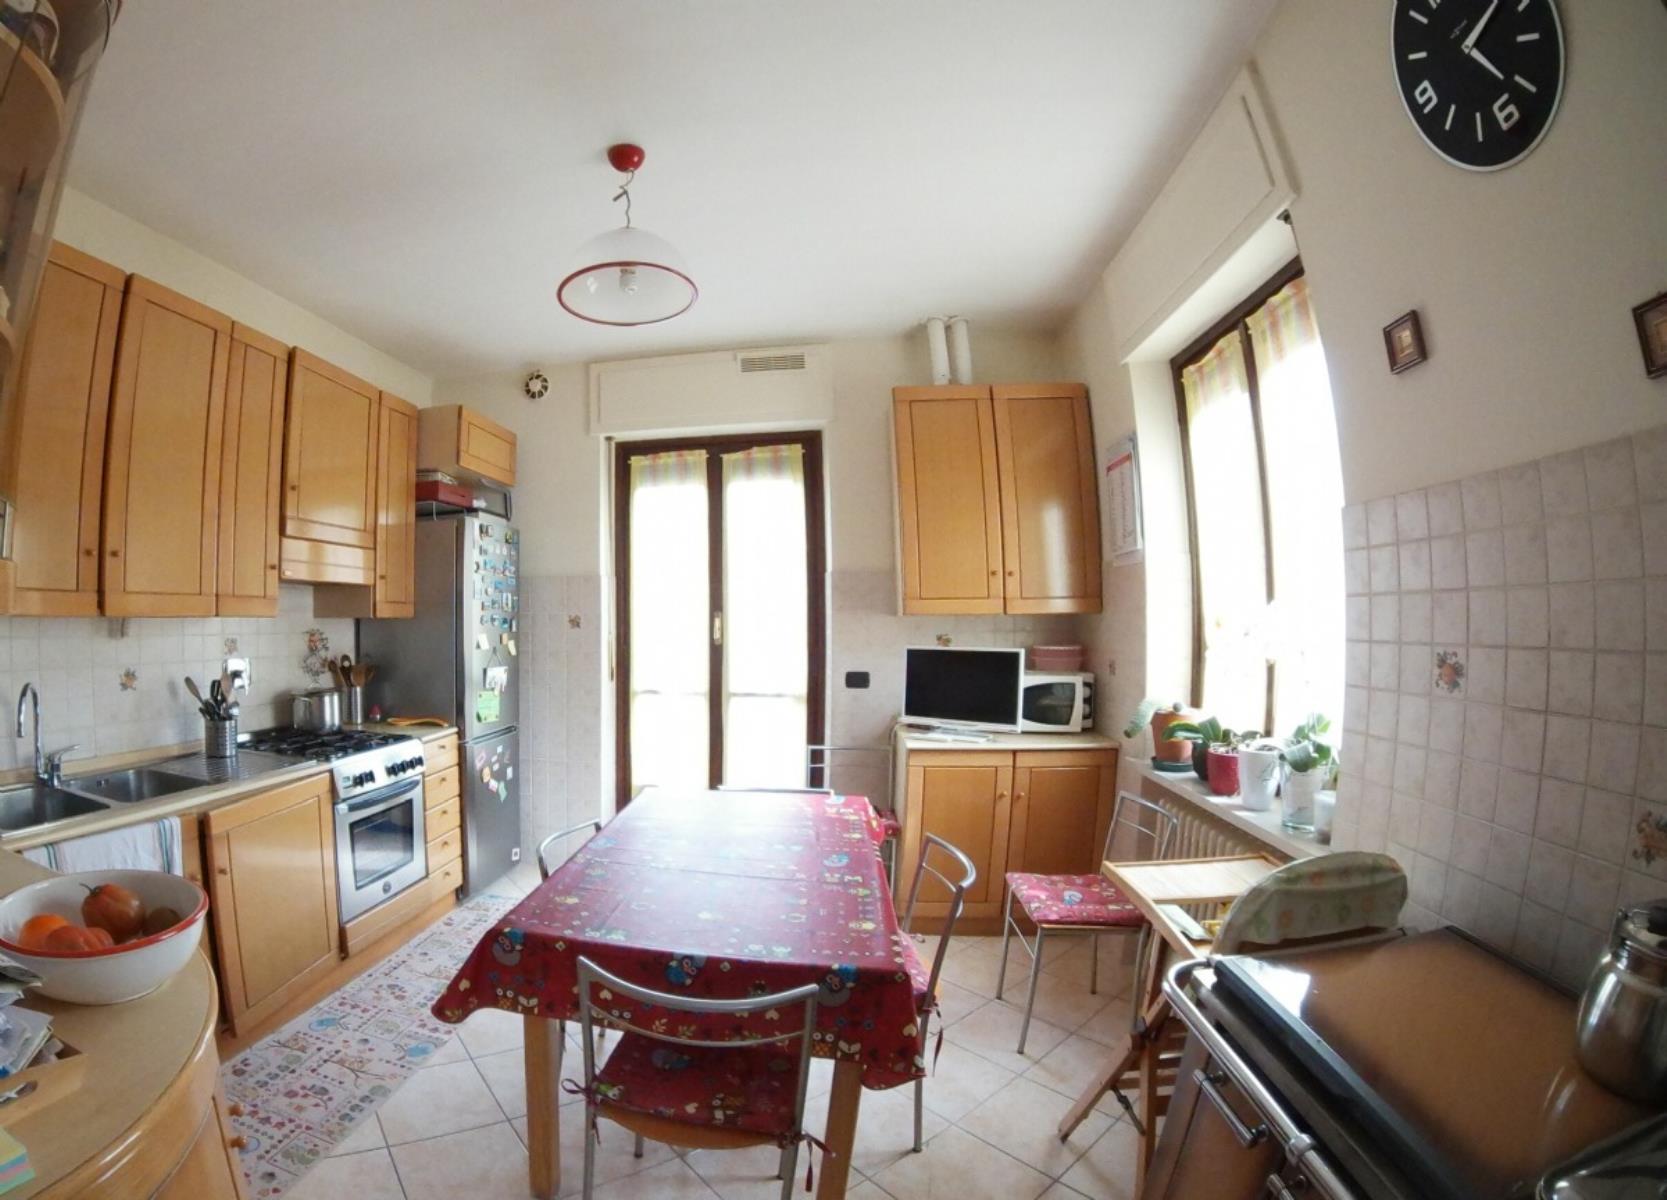 Vendita appartamento di 110 m2 ivrea to studio idea casa for Metraggio di appartamento studio